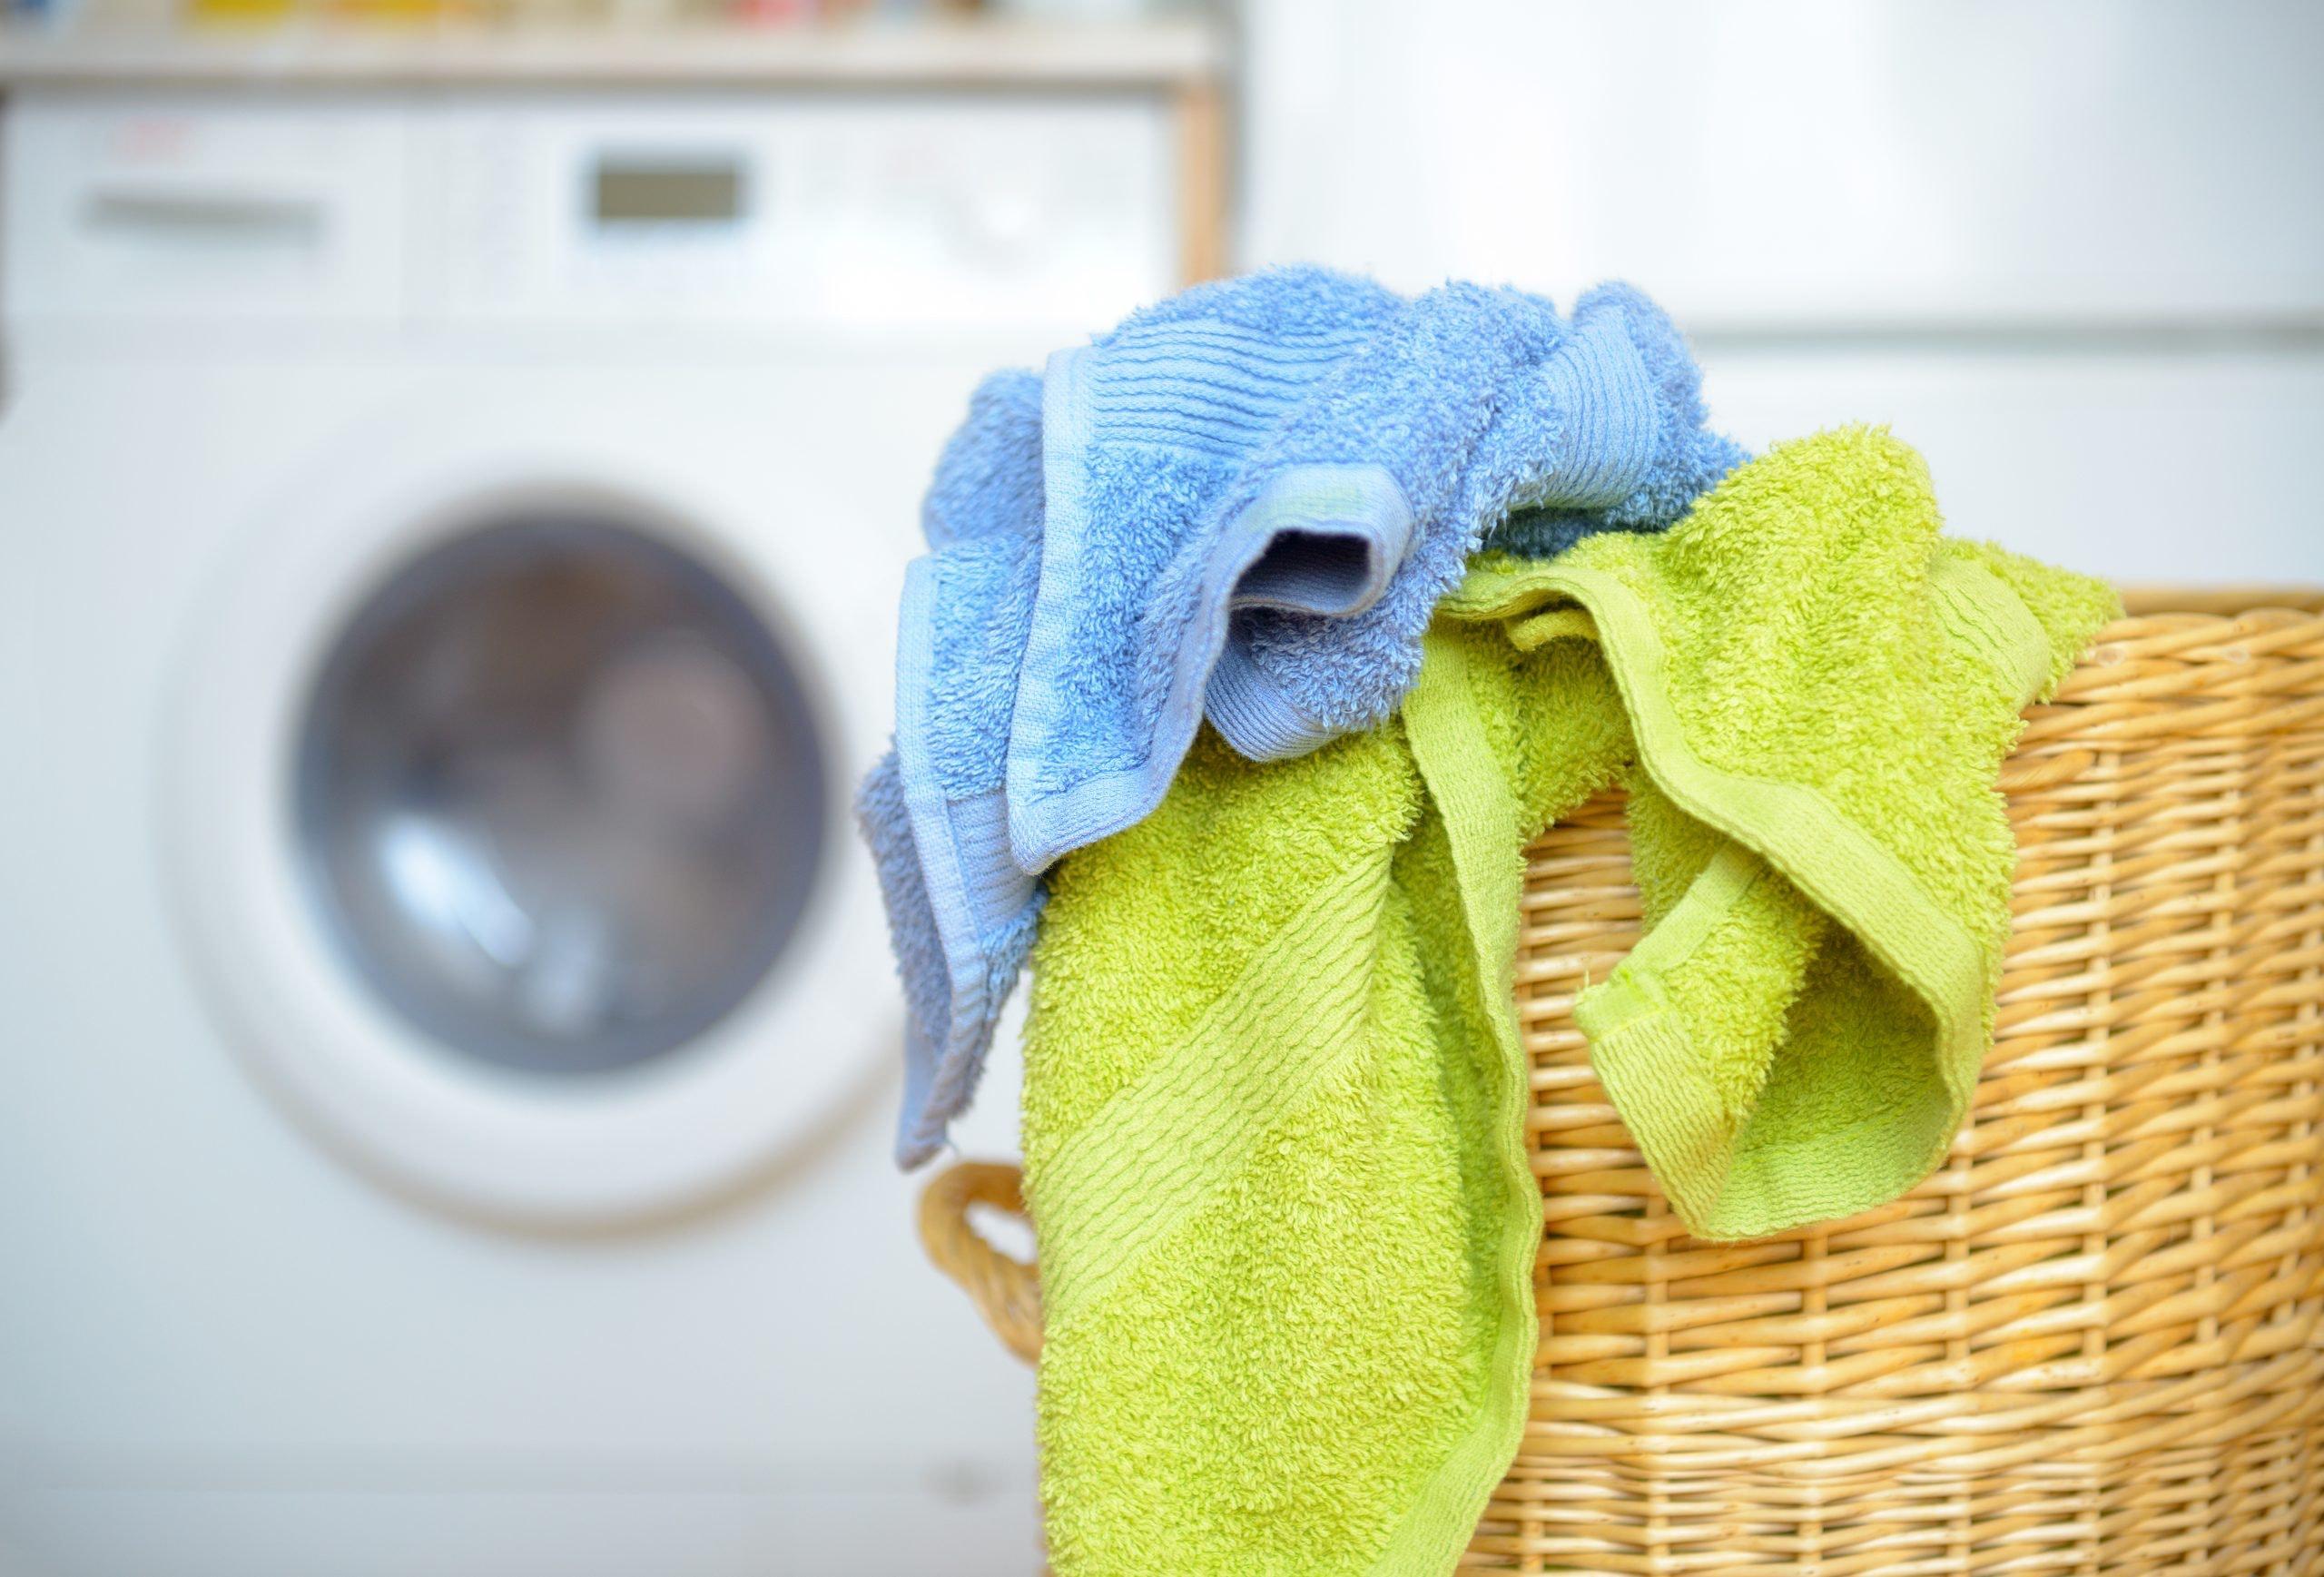 Derfor må du ALDRIG dele håndklæder med andre